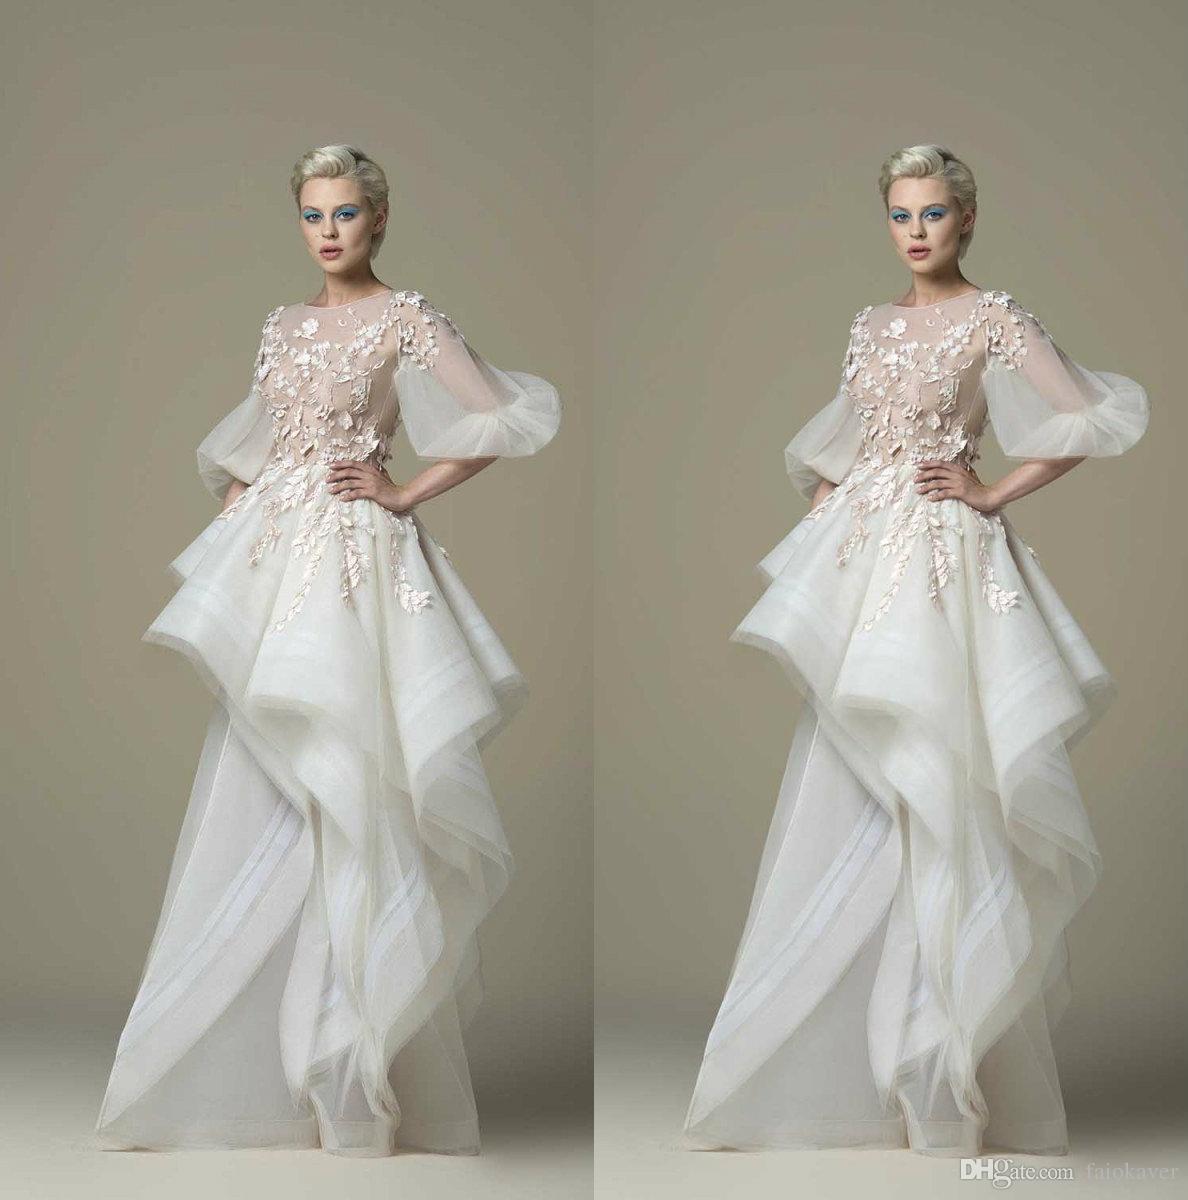 Saiid Kobeisy 2019 Fairy Prom Dresses 3D цветочные аппликация линия кружева половина с длинным рукавом вечерние платья коктейльные платья вечерние платья Homecoming Dress